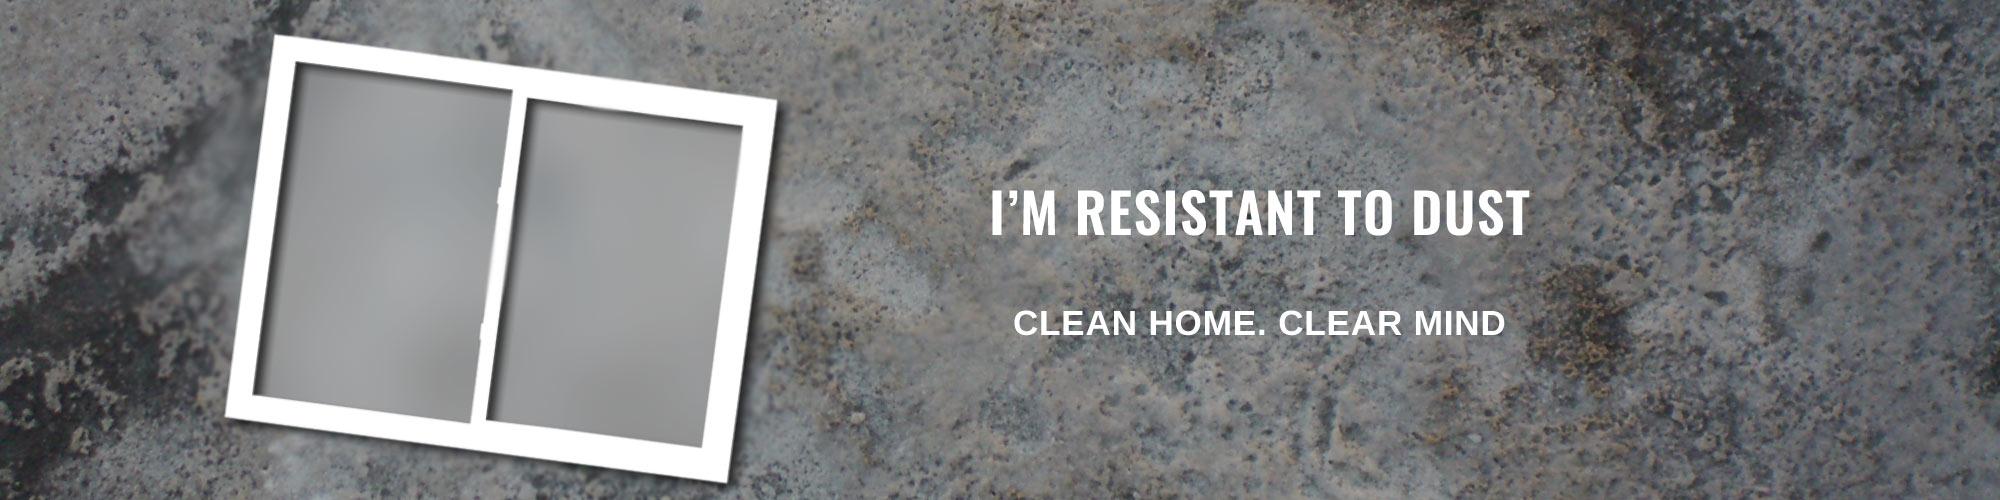 dust-resistance